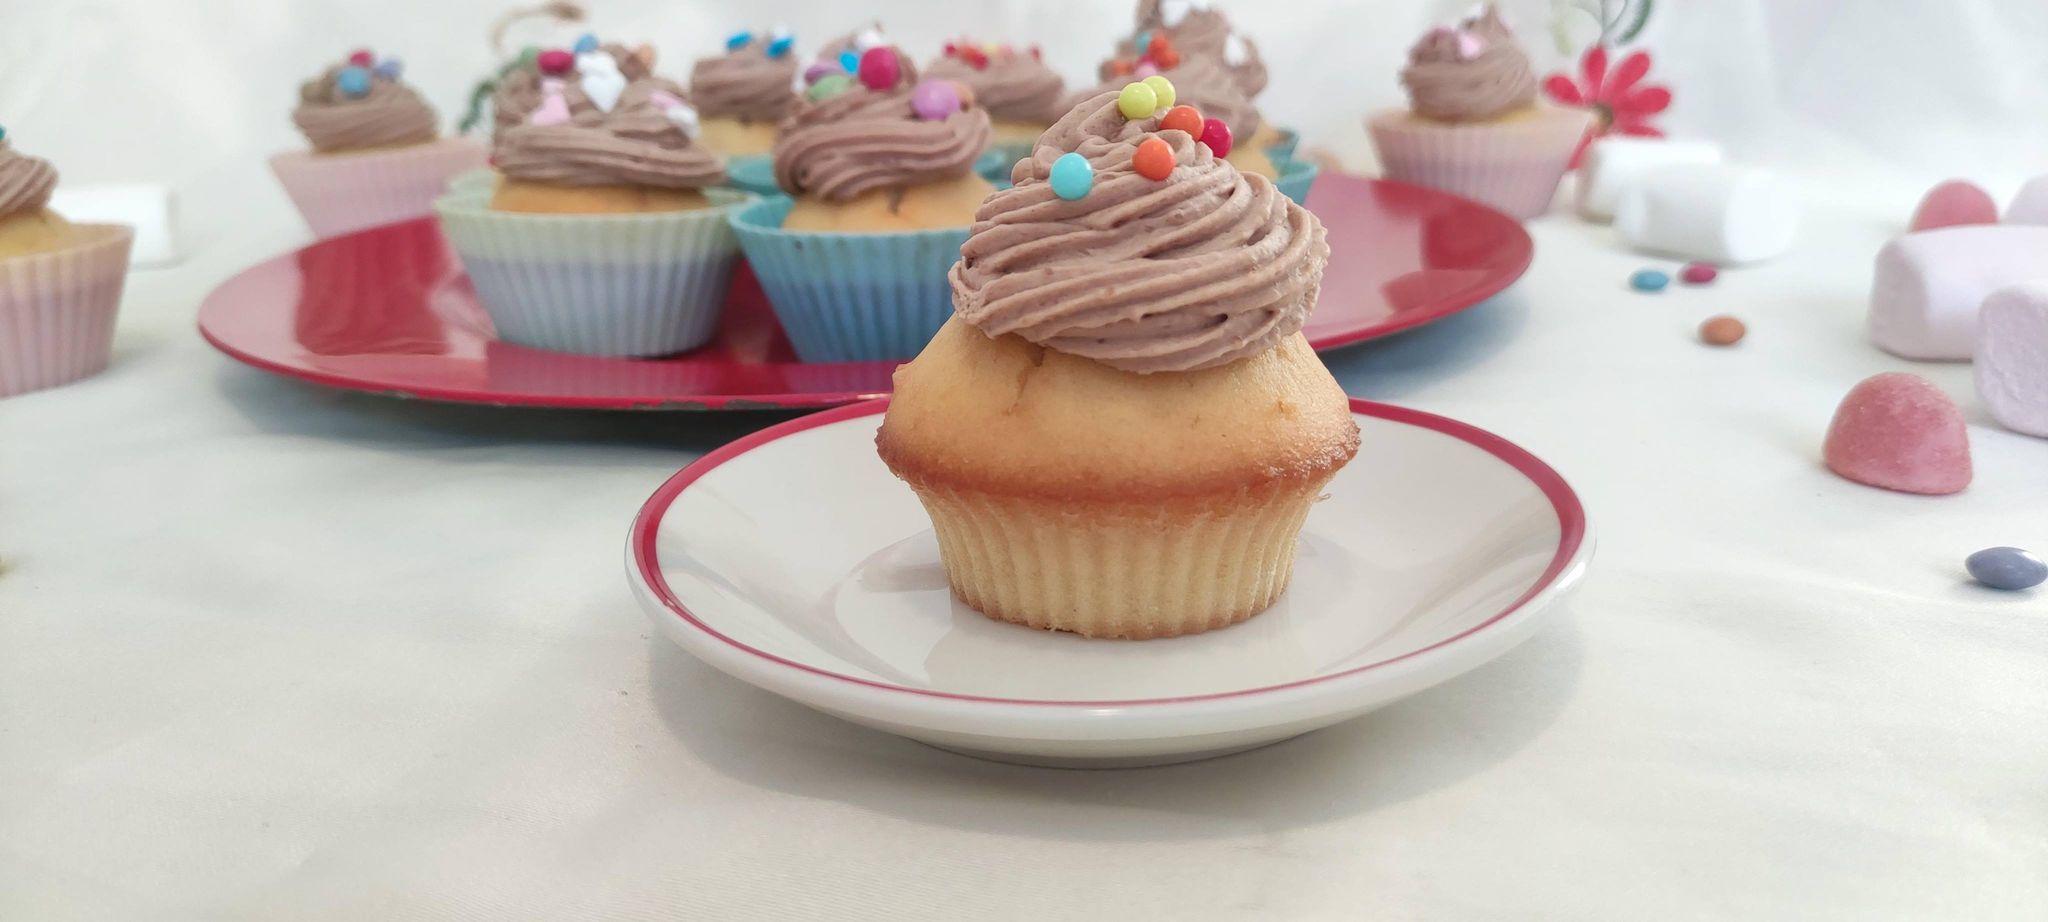 Cupcakes cu ganache de kinder bueno